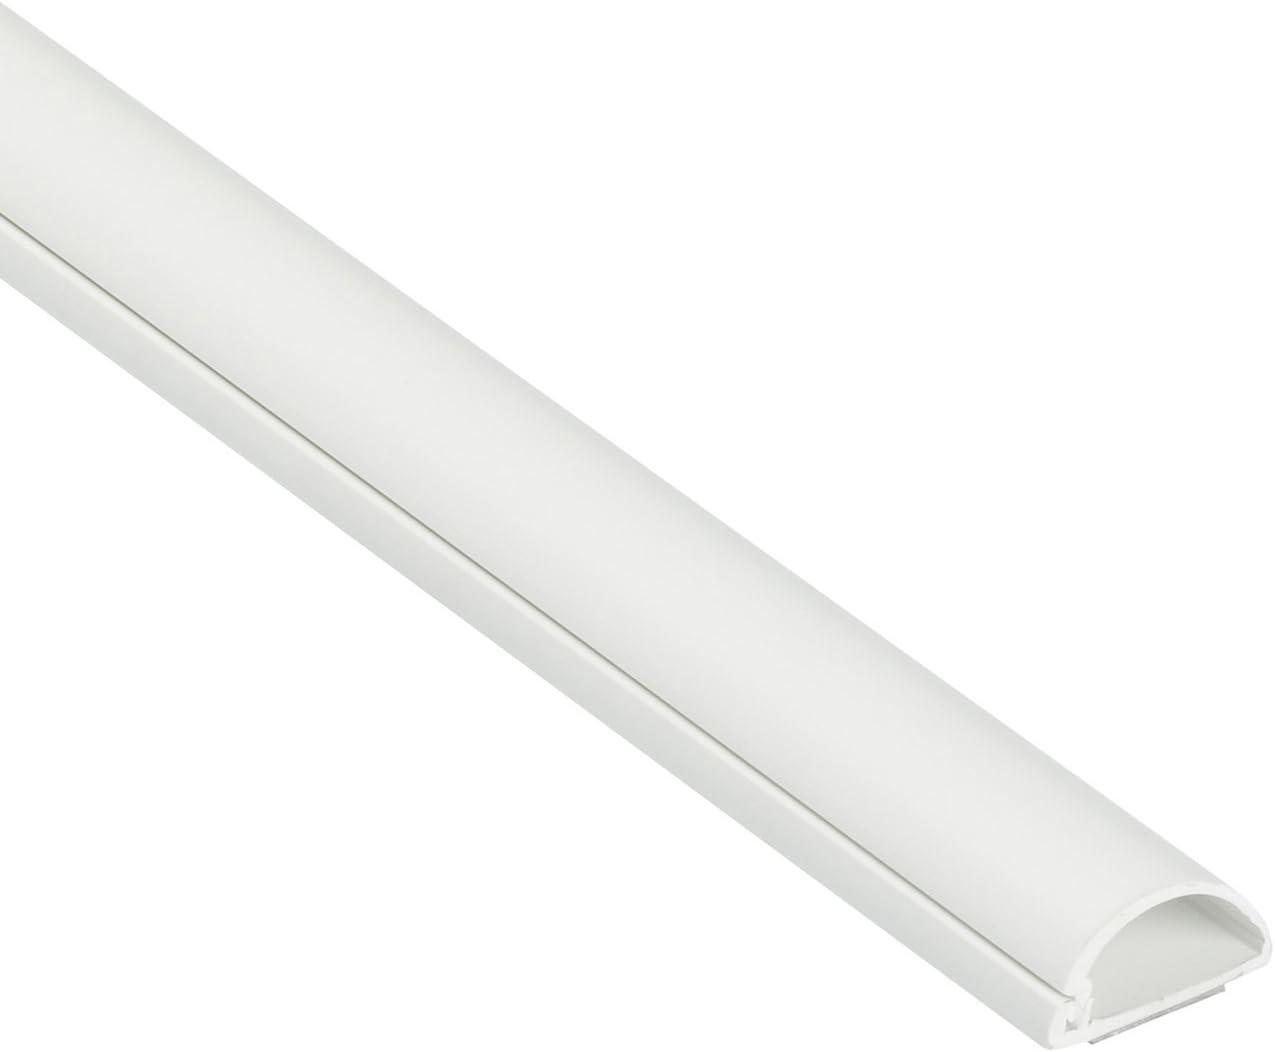 Cable trunking conduit Line Cover Cache Blanc en PVC 4 x 1 m Longueurs 20 mm x 10 mm